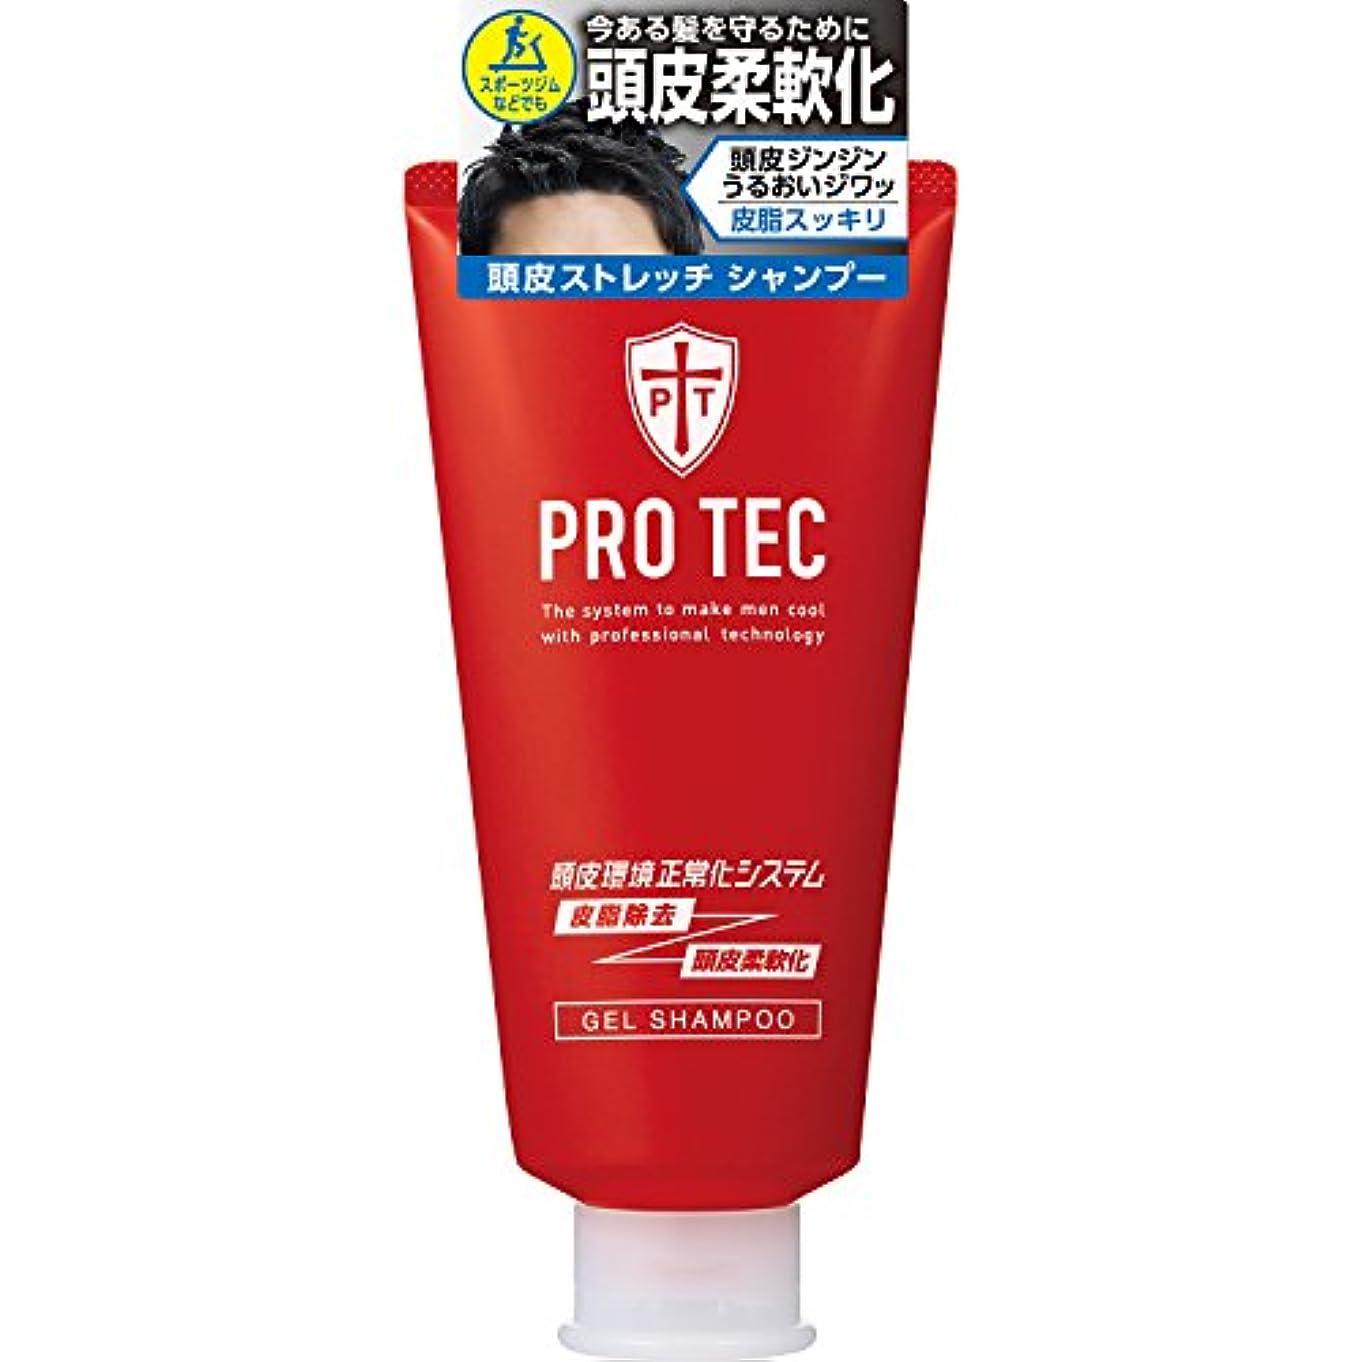 名義で幸福集計PRO TEC(プロテク) 頭皮ストレッチ シャンプー チューブ 150g(医薬部外品)